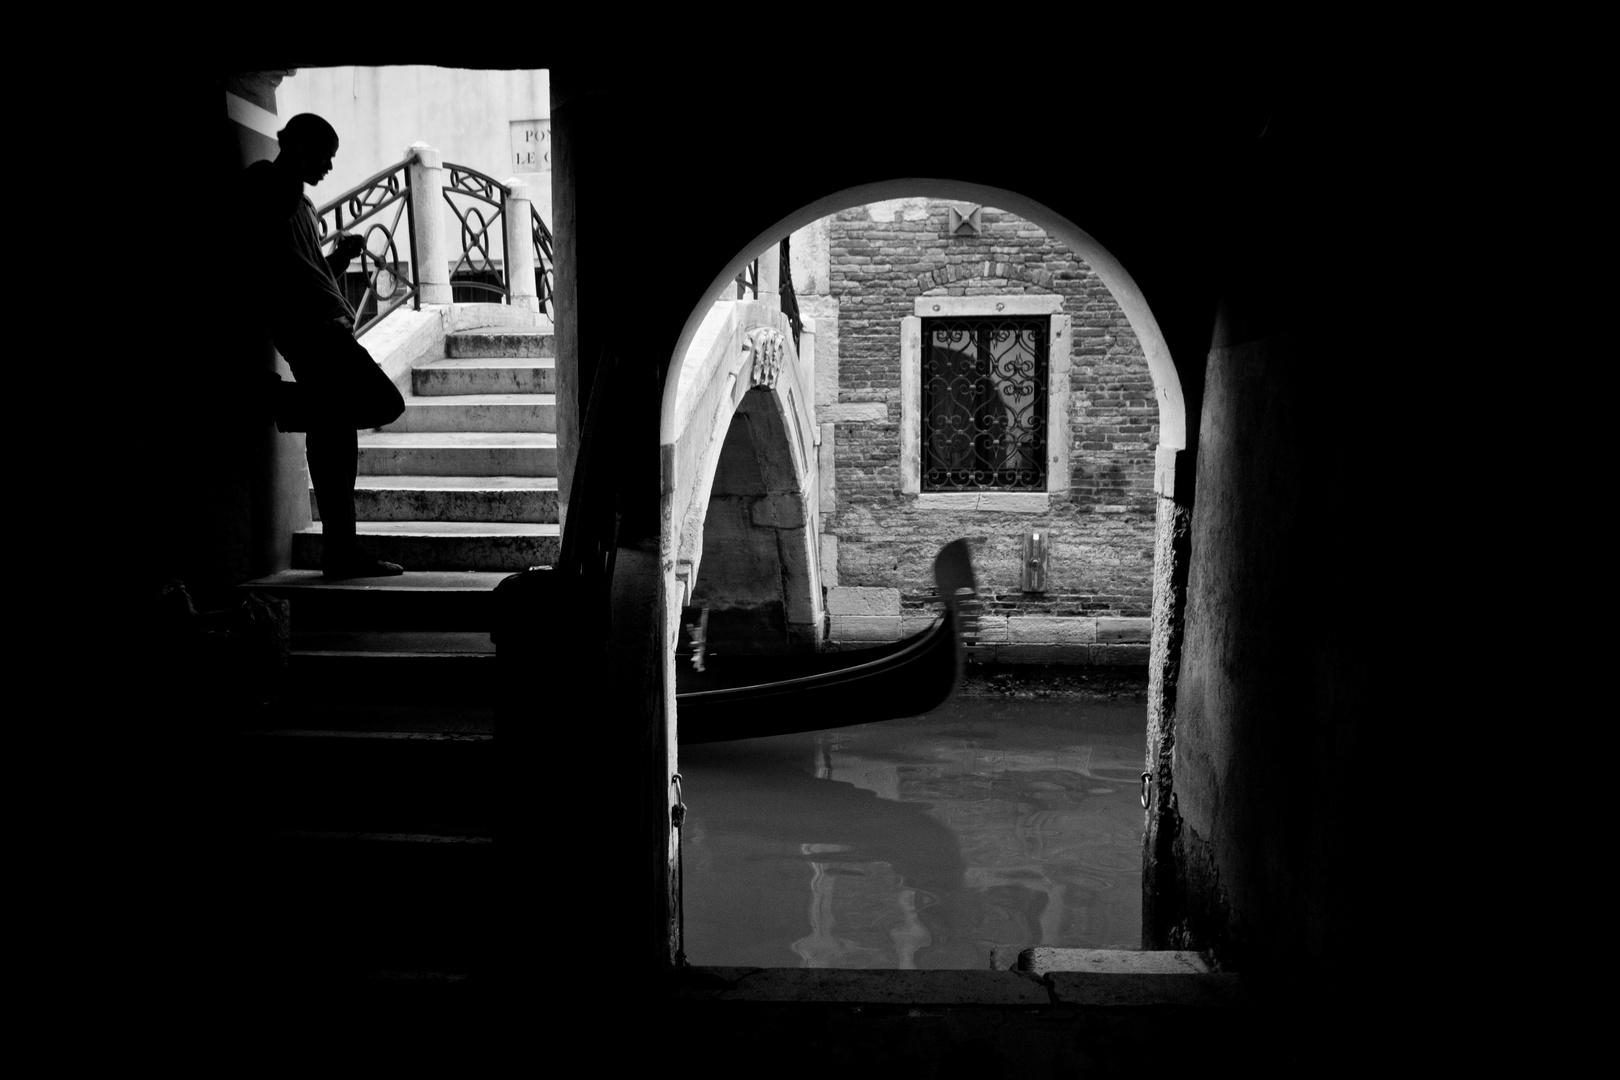 Venedigs dunkle Ecken